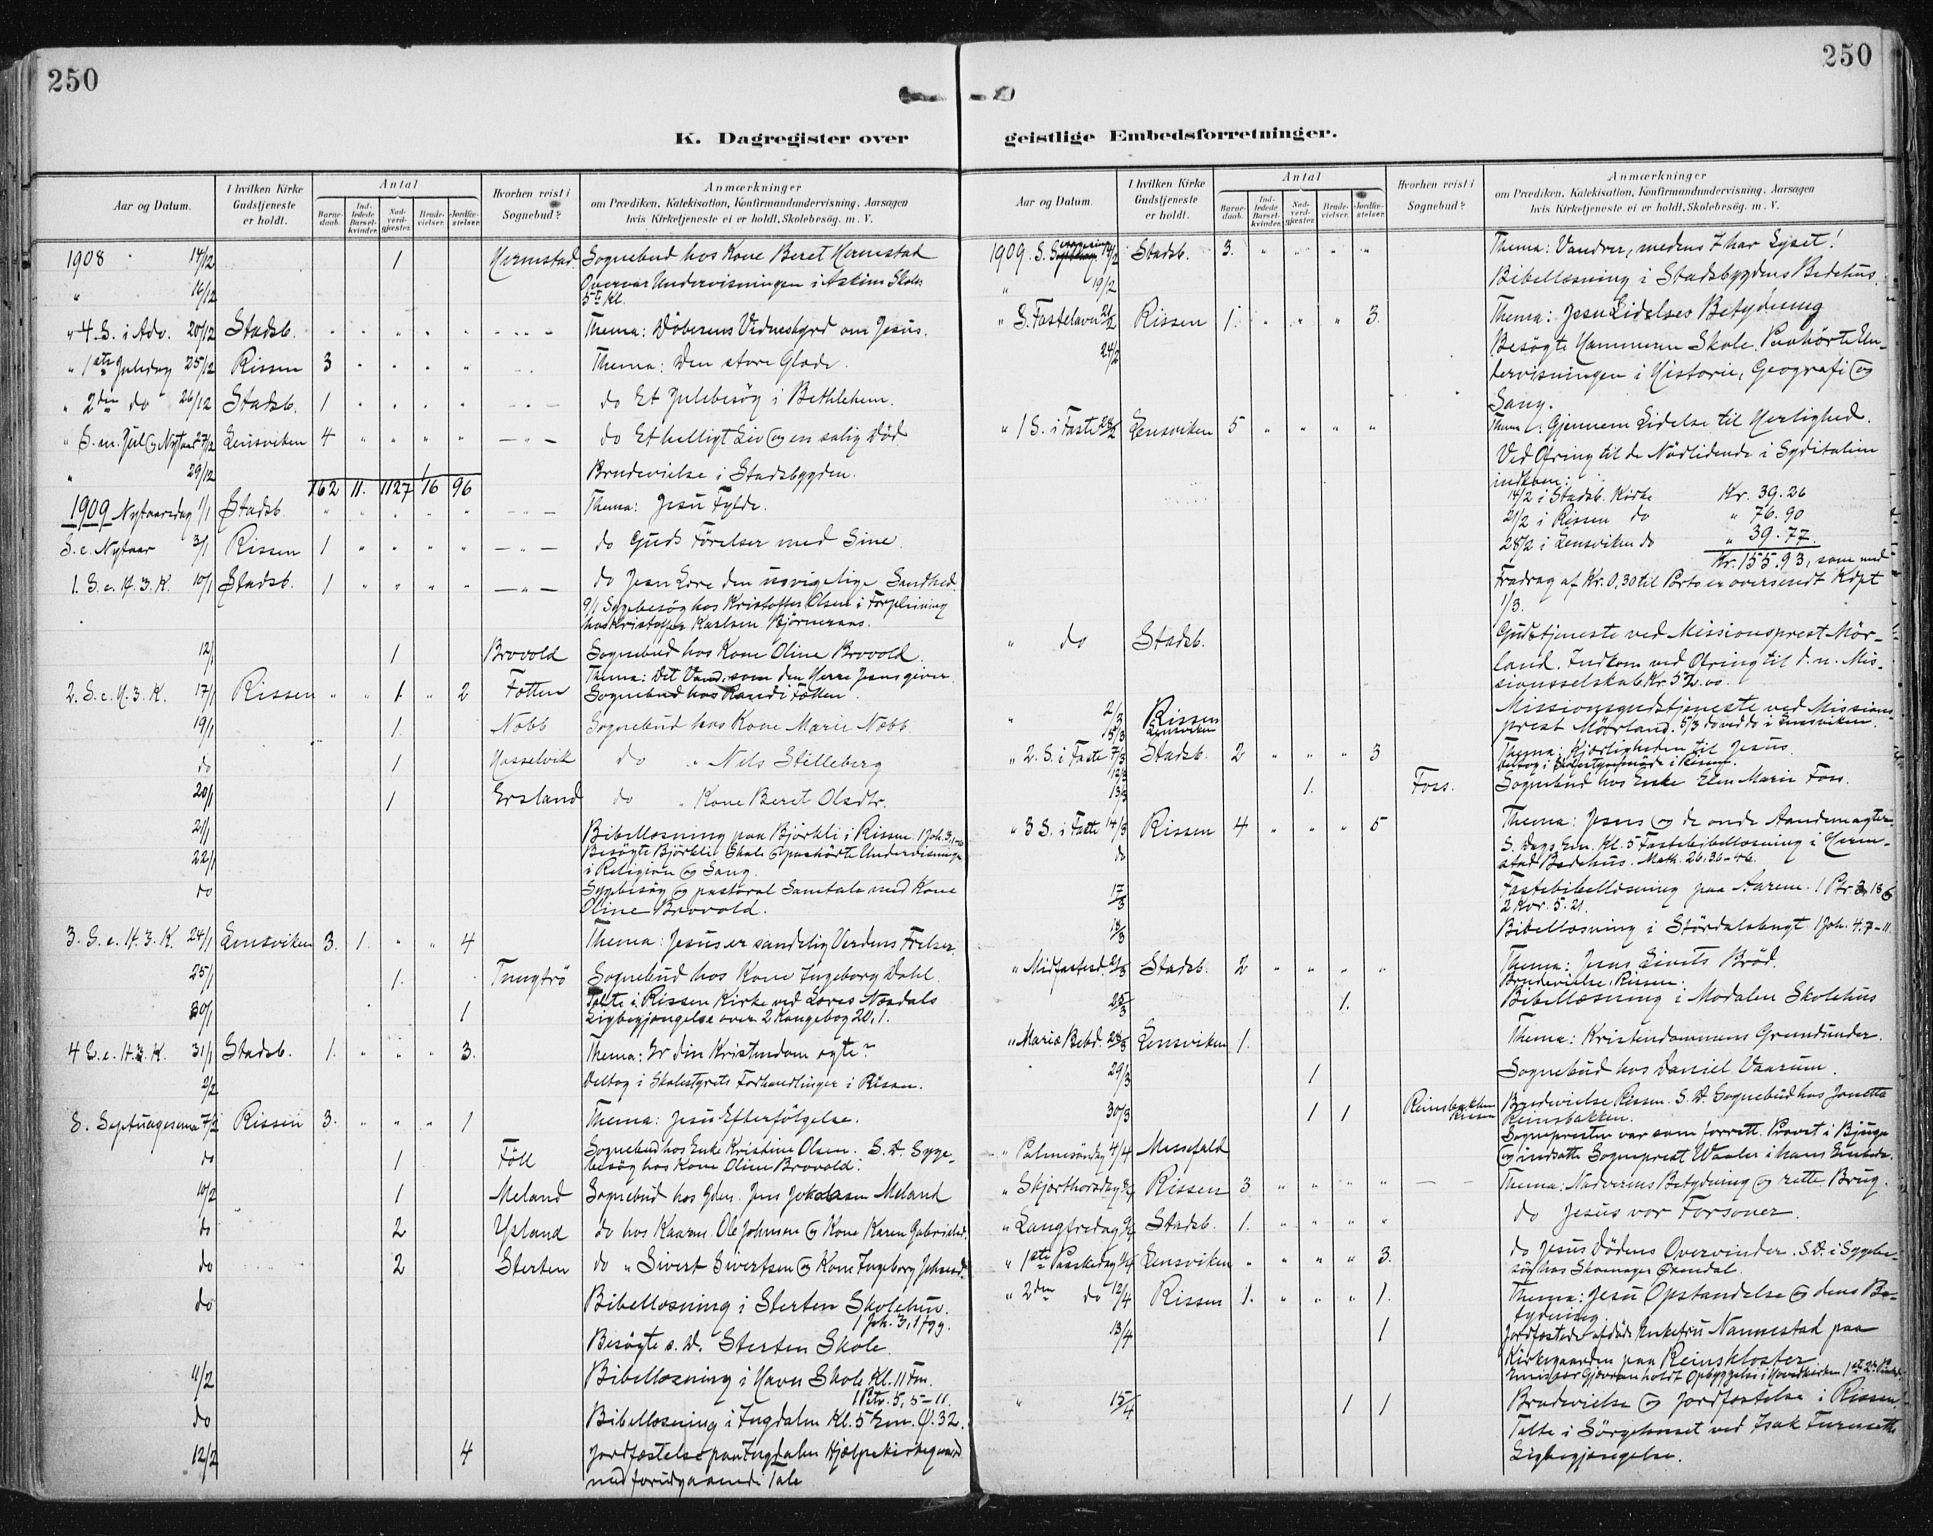 SAT, Ministerialprotokoller, klokkerbøker og fødselsregistre - Sør-Trøndelag, 646/L0616: Ministerialbok nr. 646A14, 1900-1918, s. 250